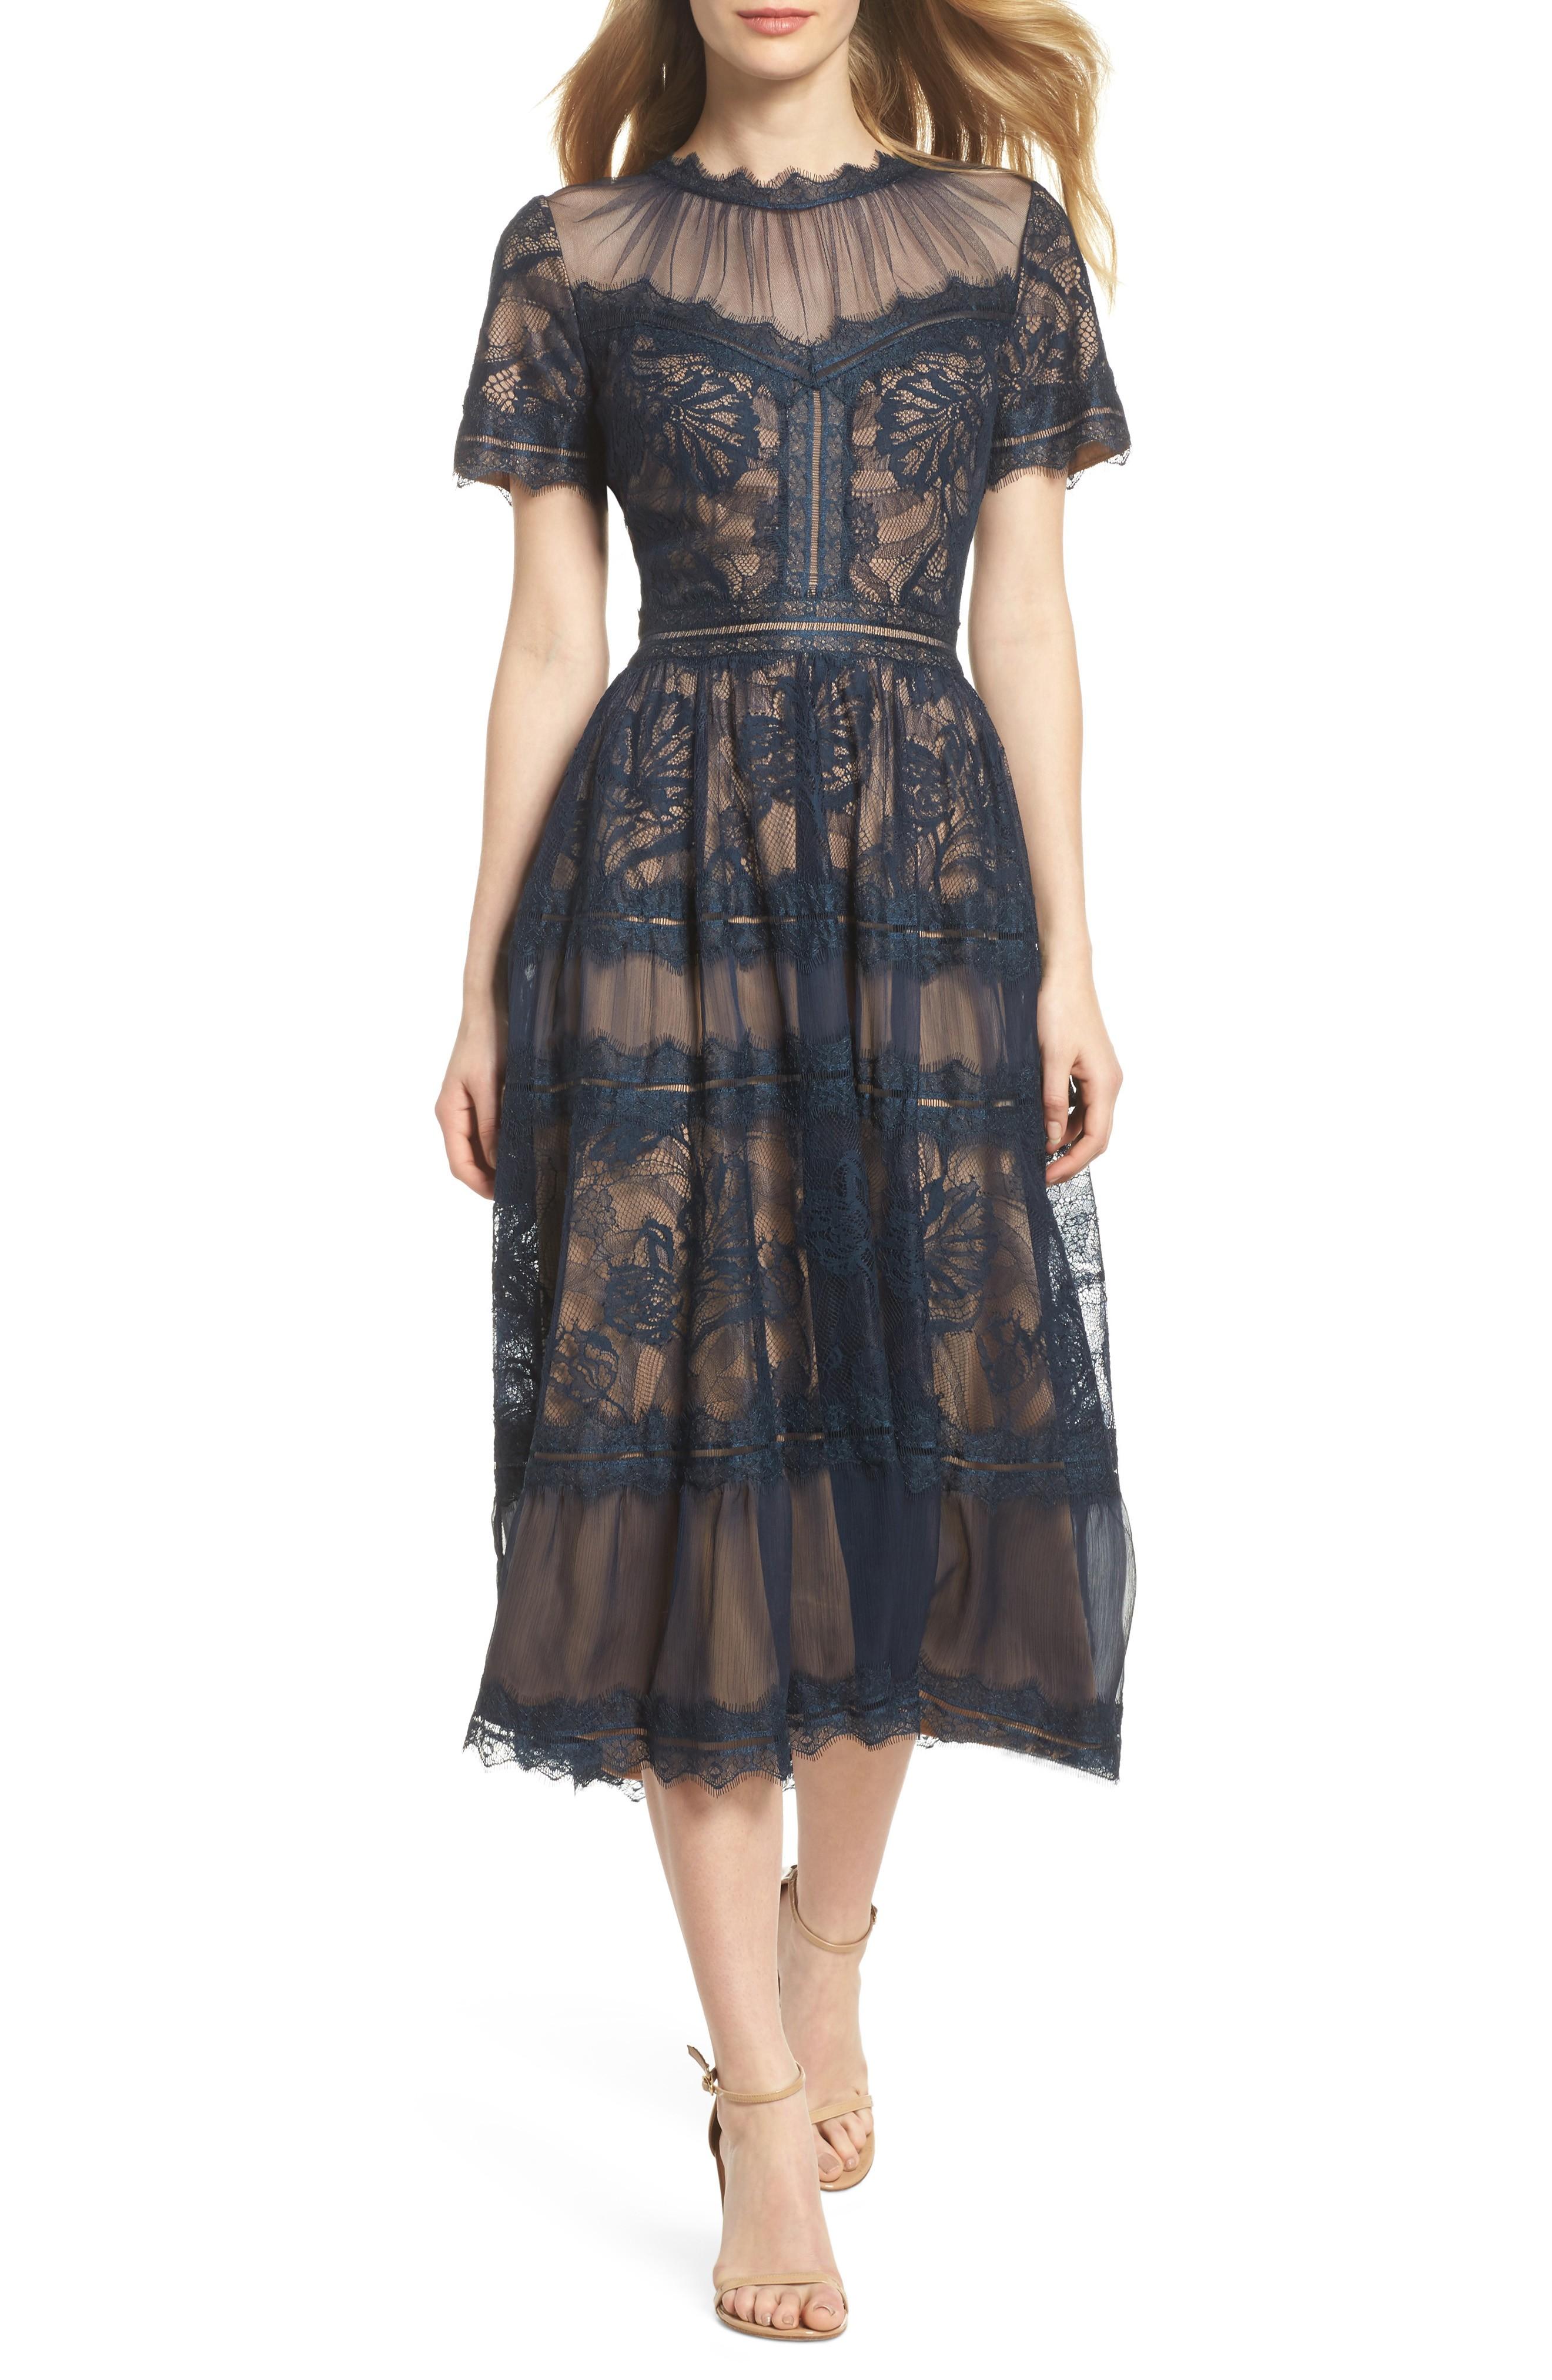 TADASHI SHOJI Lace Tea-Length Nude / Navy Blue Dress - We Select Dresses